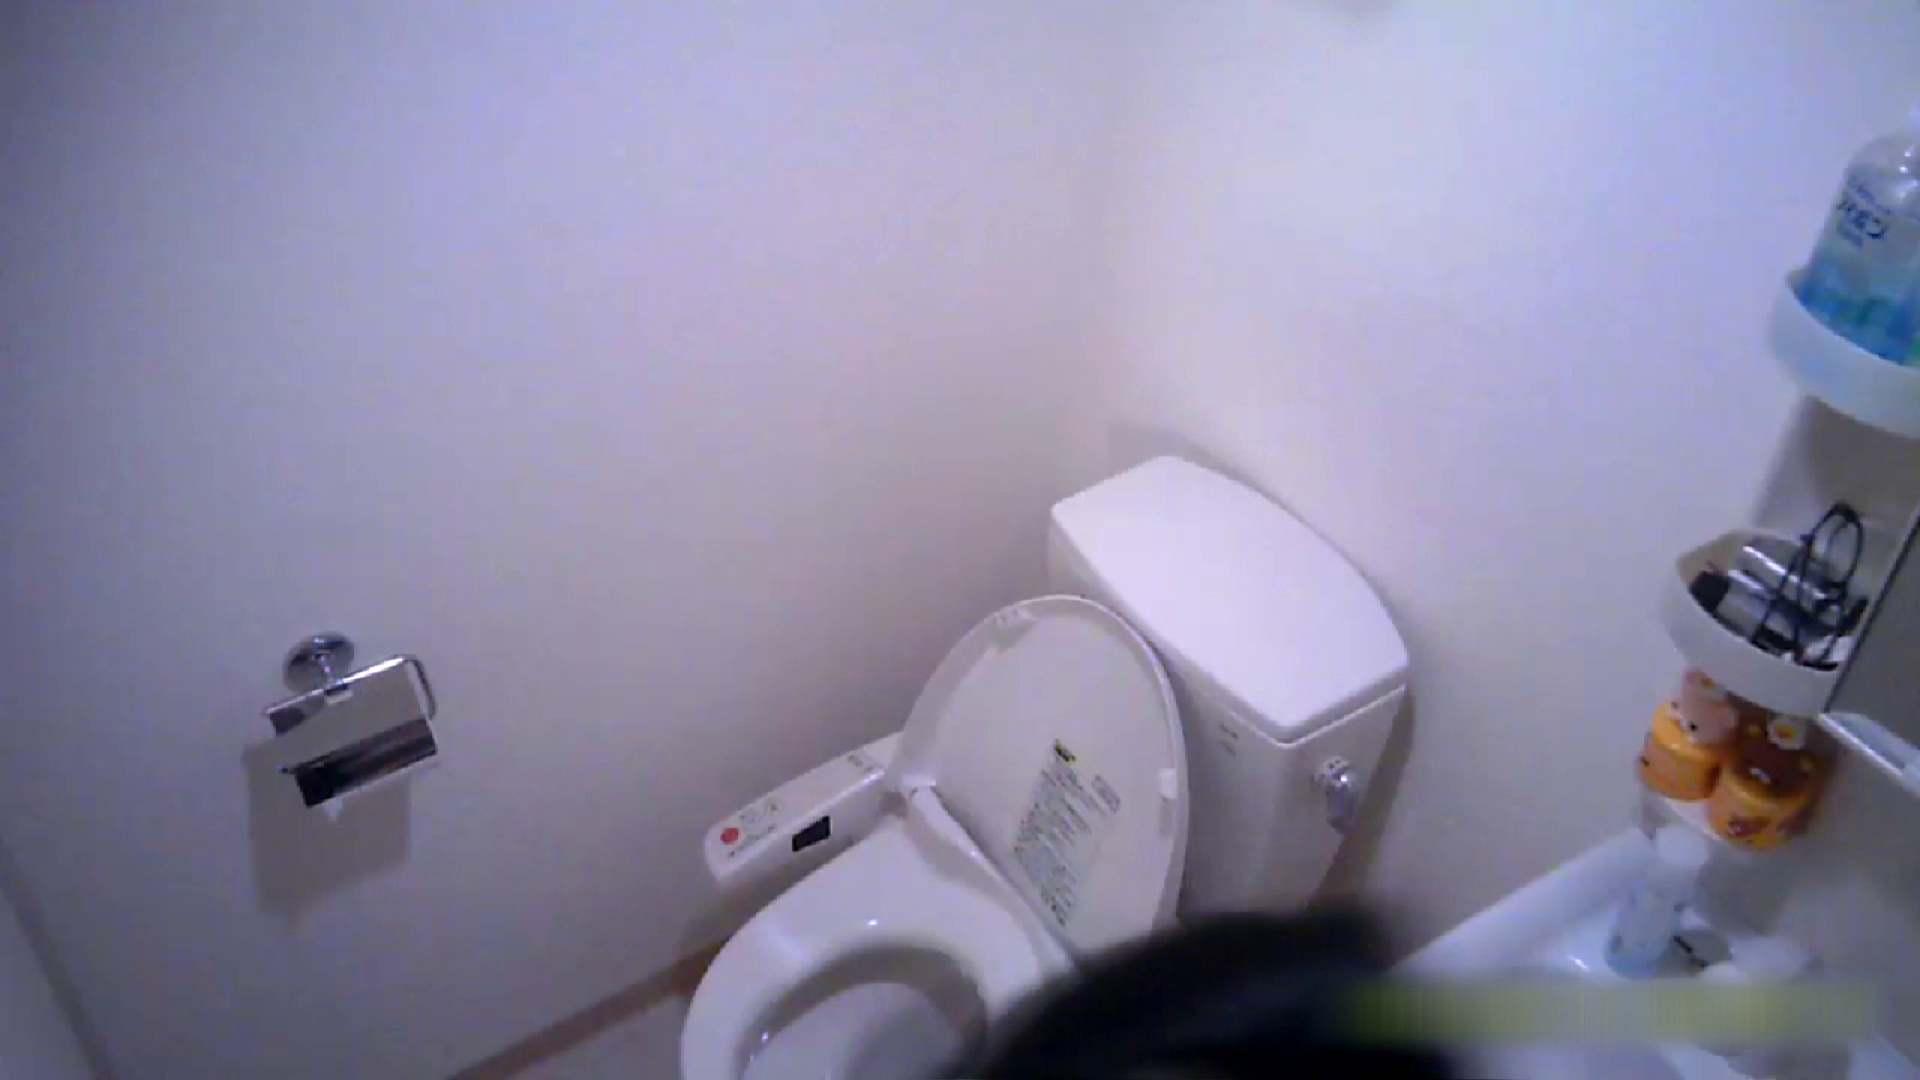 清楚な顔してかなり敏感なE子25歳(仮名)Vol.04 トイレ編 洗面所 | お姉さん攻略  62画像 1